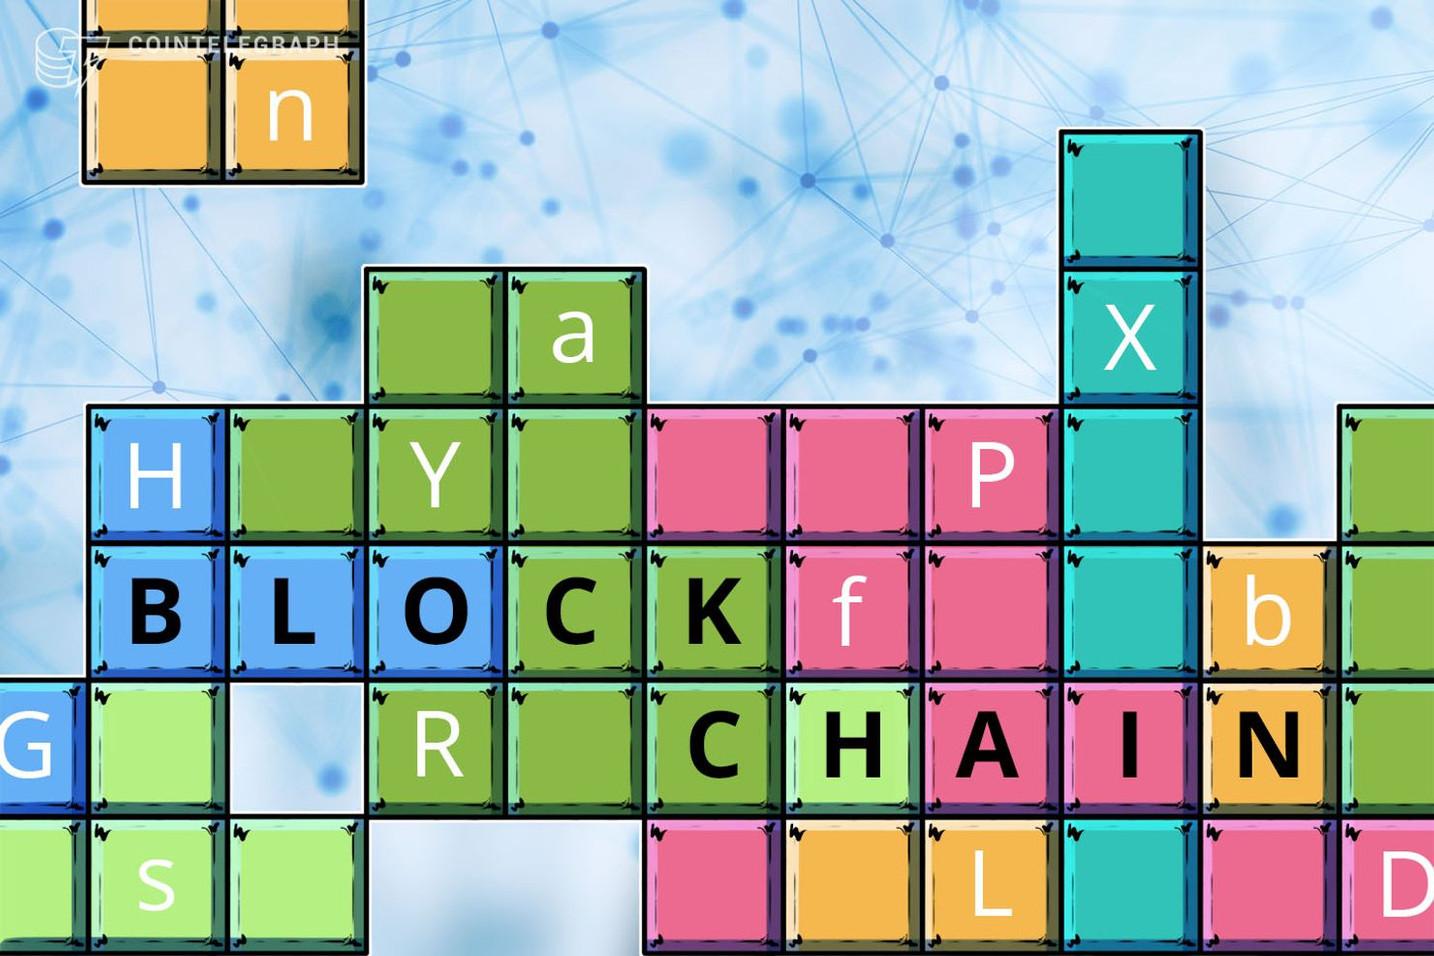 中国ブロックチェーン評価コンソーシアム、標準化の策定に着手へ【アラート】